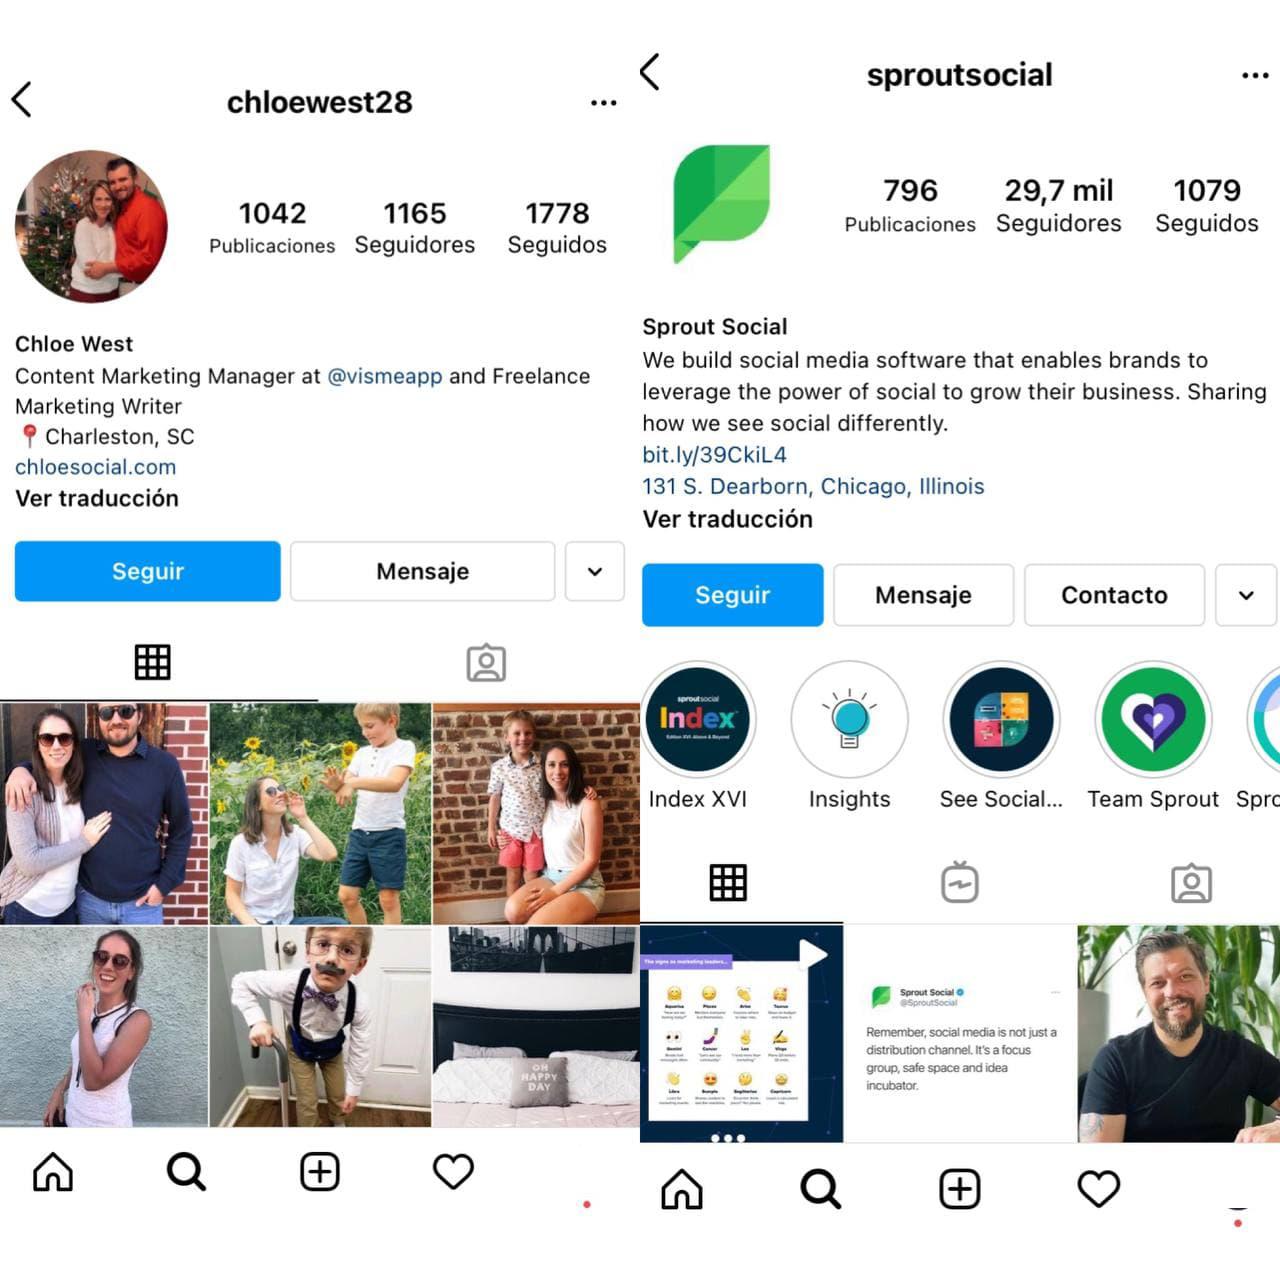 Beneficios y funciones de un perfil de empresa en Instagram - Imagen 3